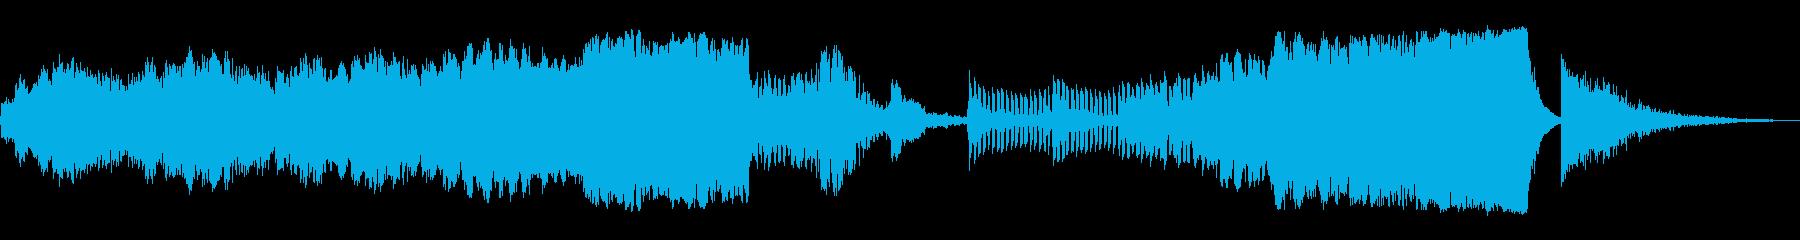 現代風のオーケストラでイメージアップの再生済みの波形